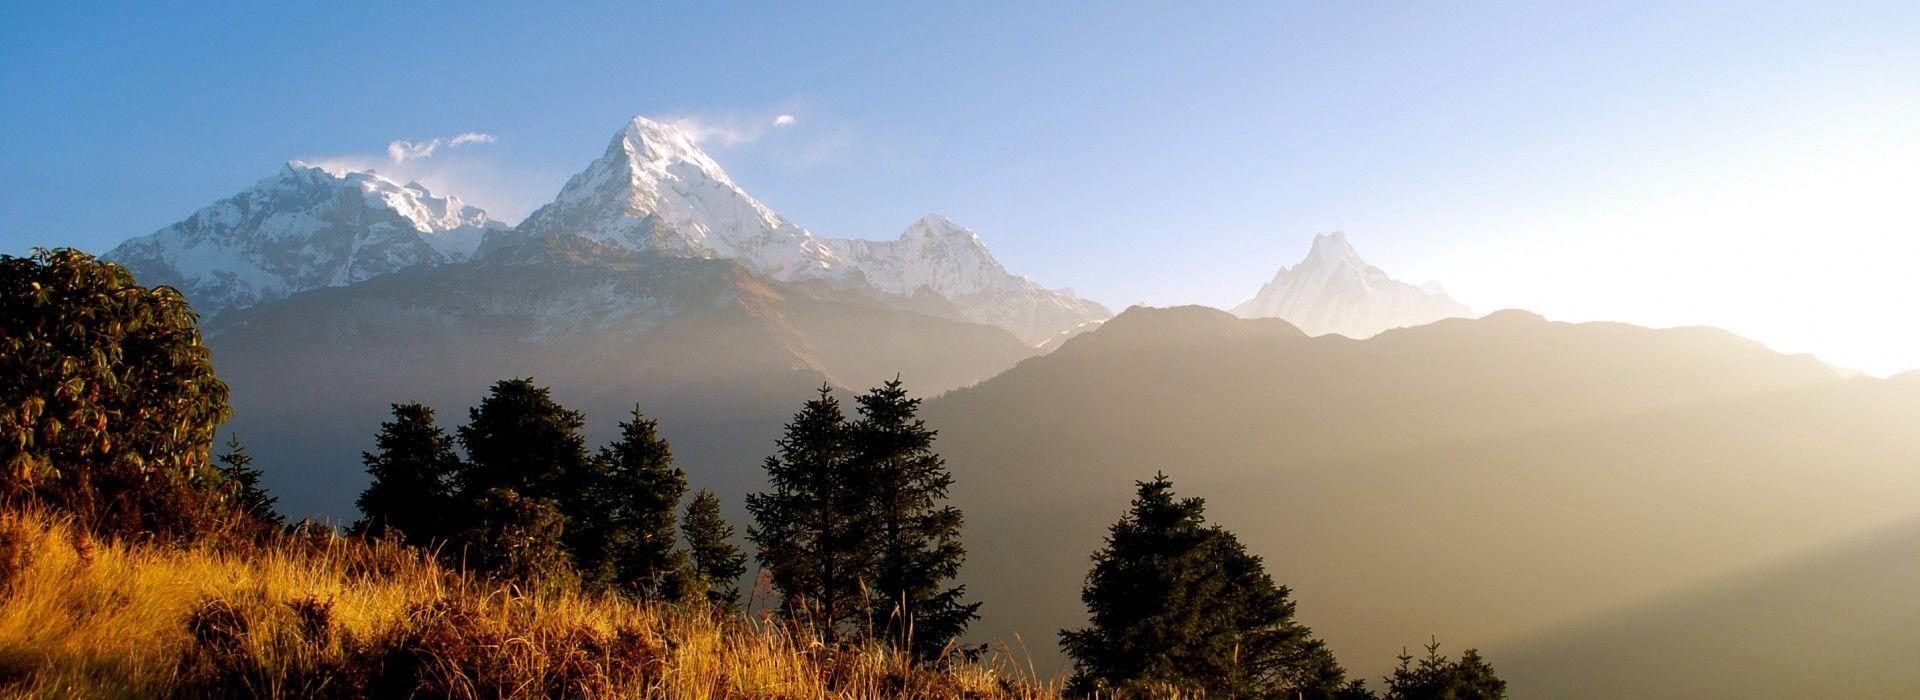 Adventure Tours in Annapurna Circuit trek